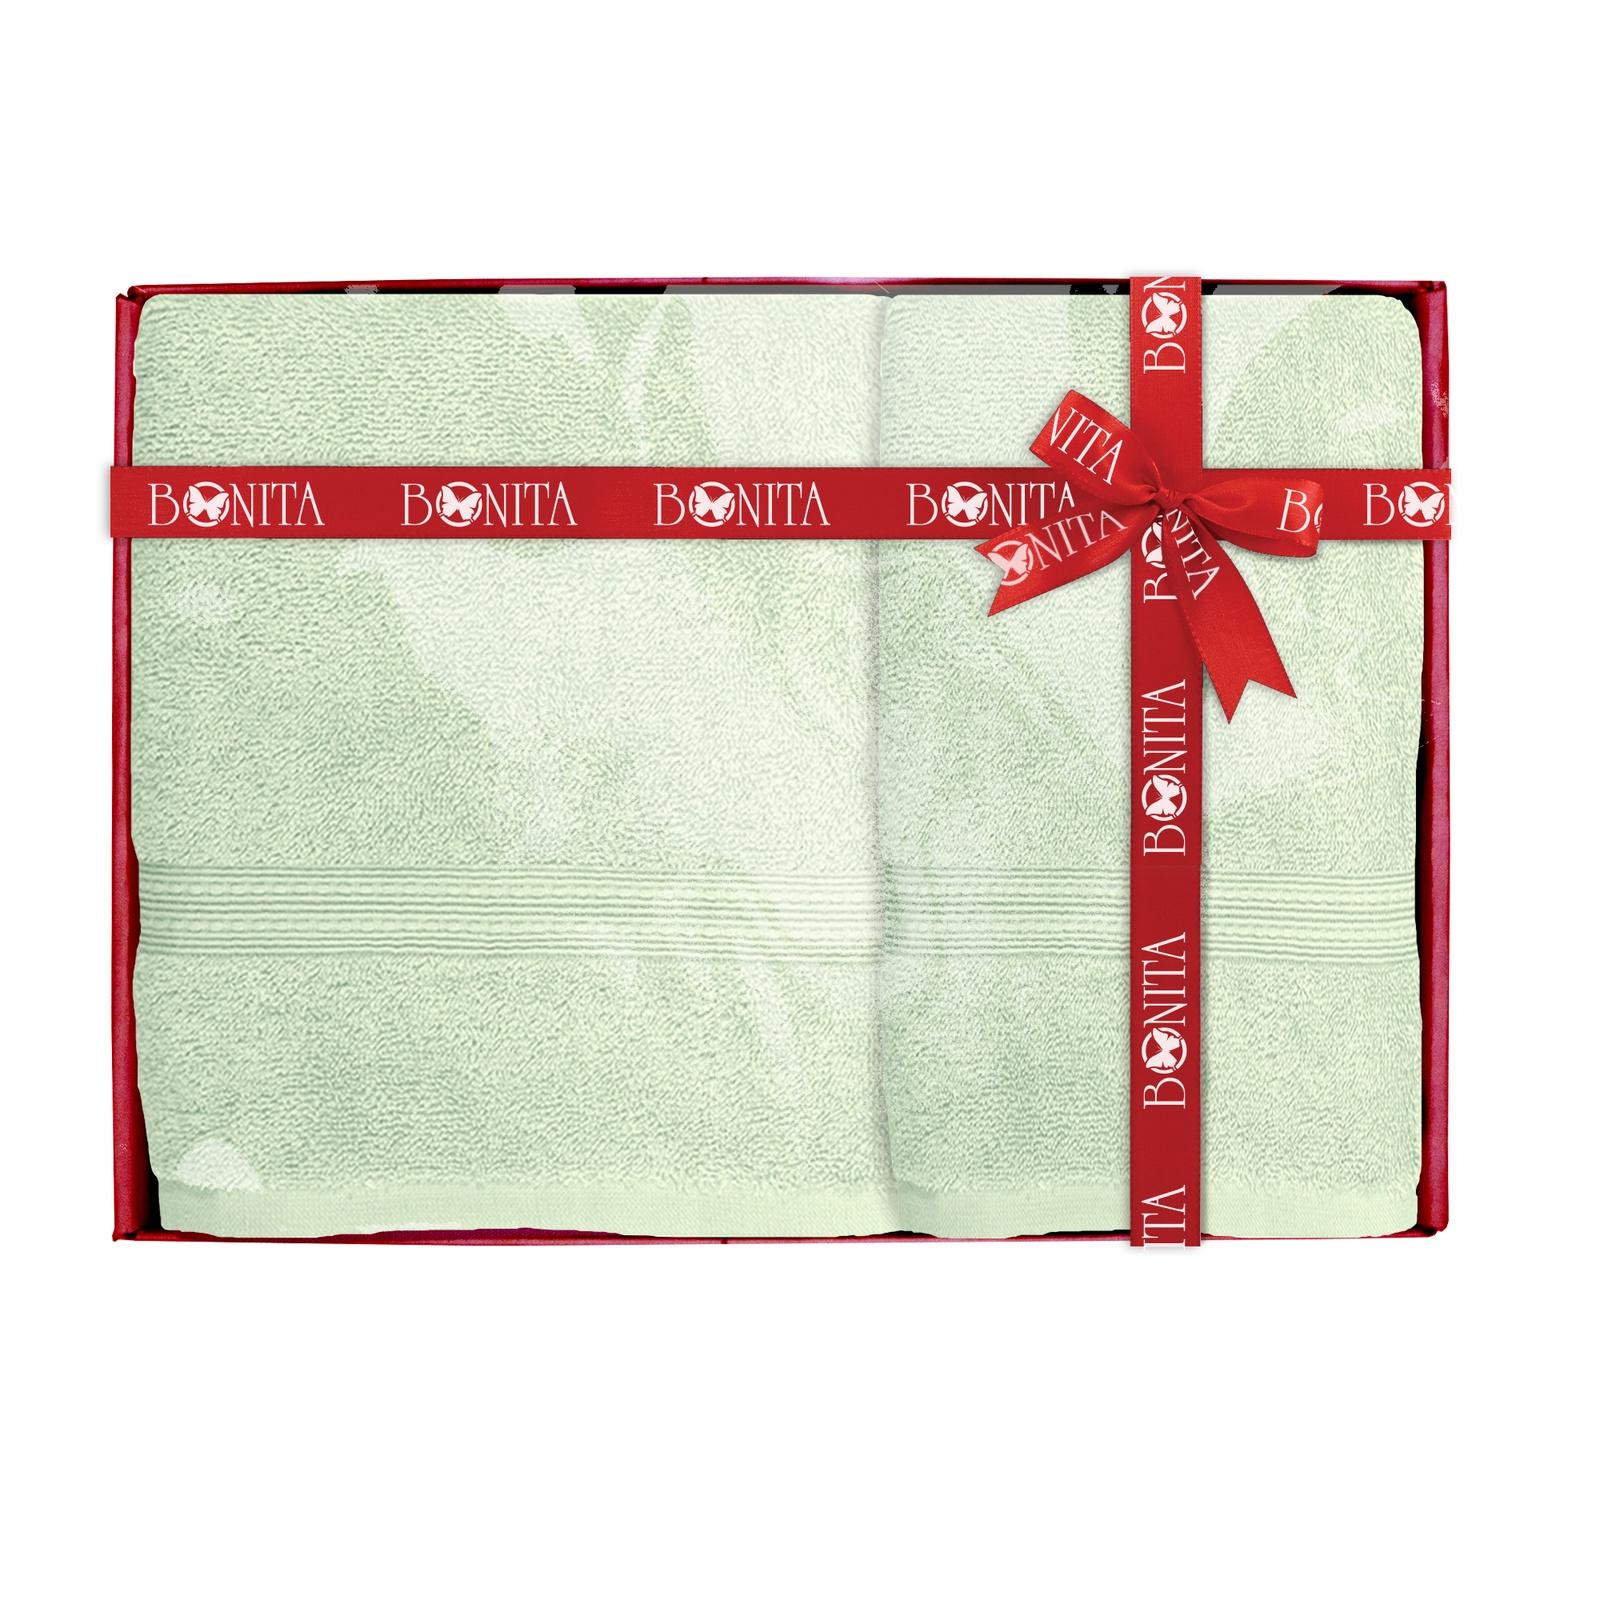 Полотенце банное Bonita Classic махровое, 21011218283, мятный, 2 шт комплект из 2 махровых банных полотенец из биохлопка